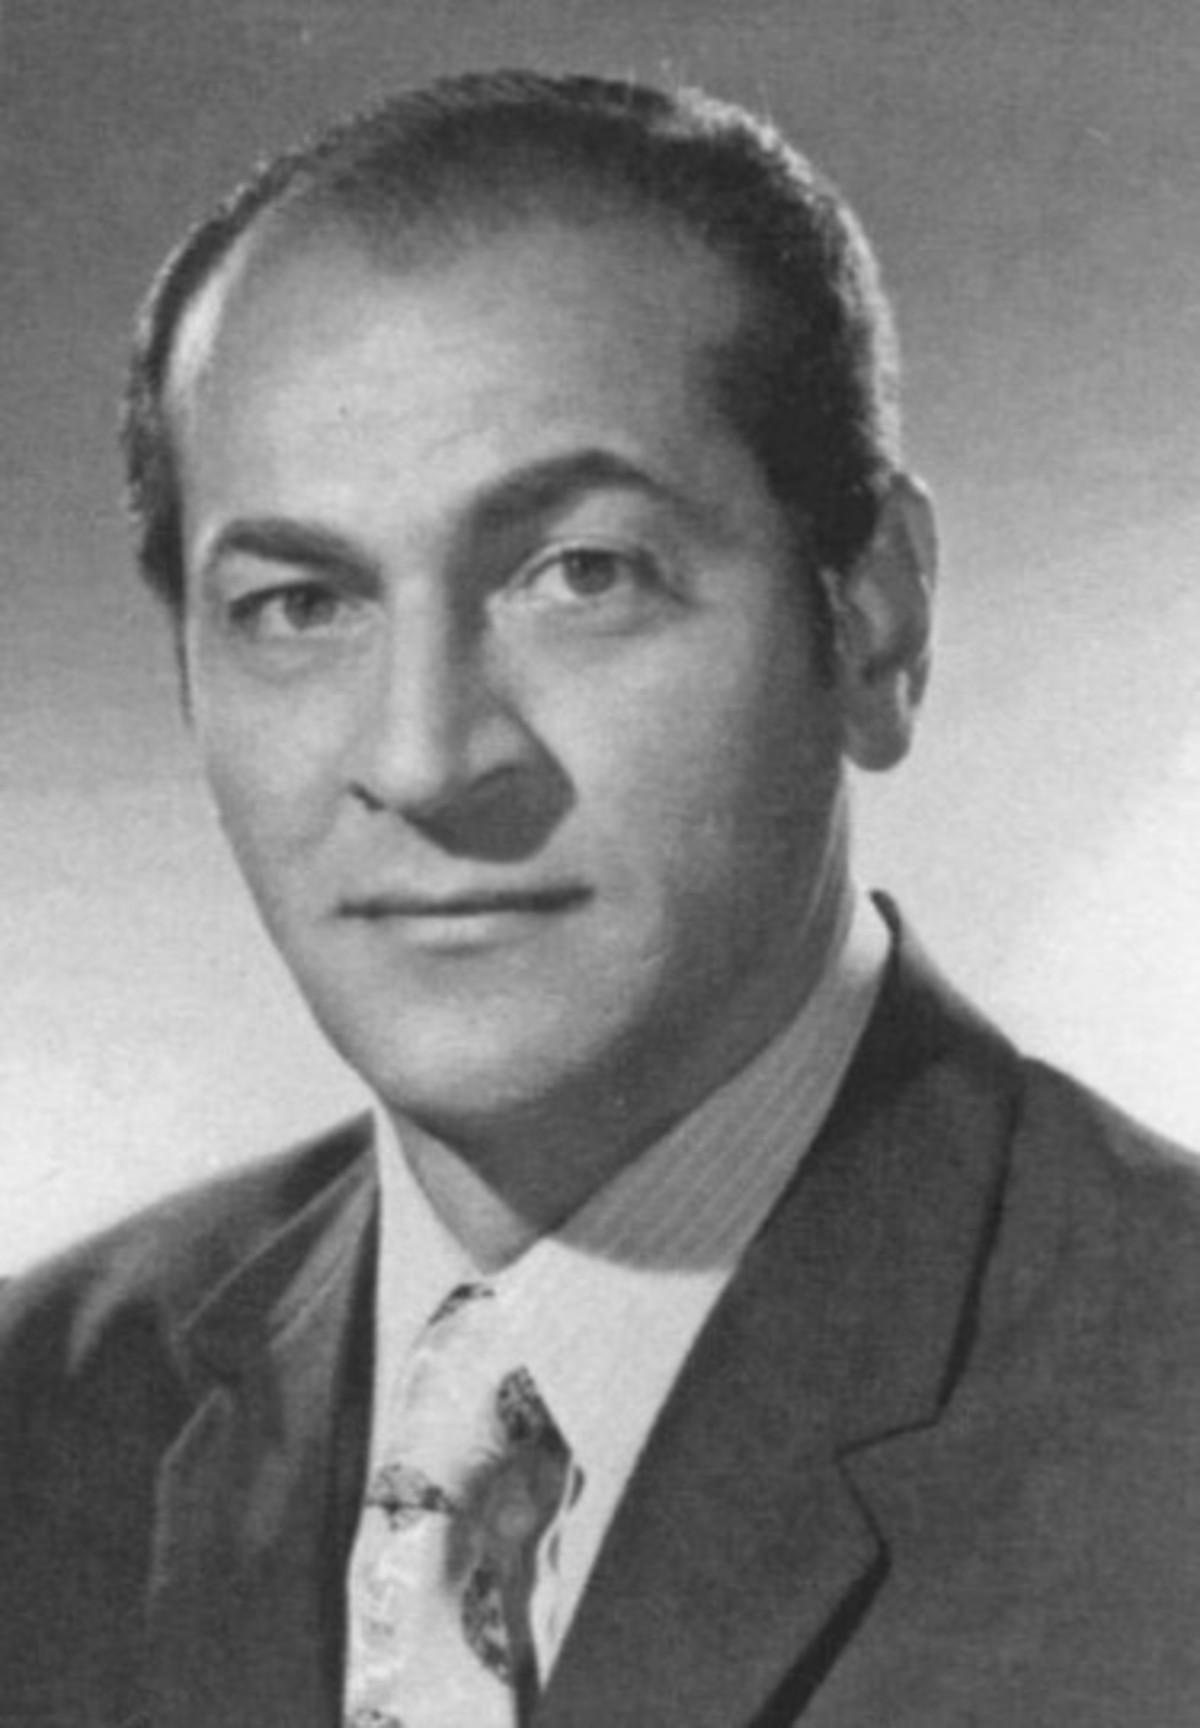 Θεόδωρος Δημήτριεφ